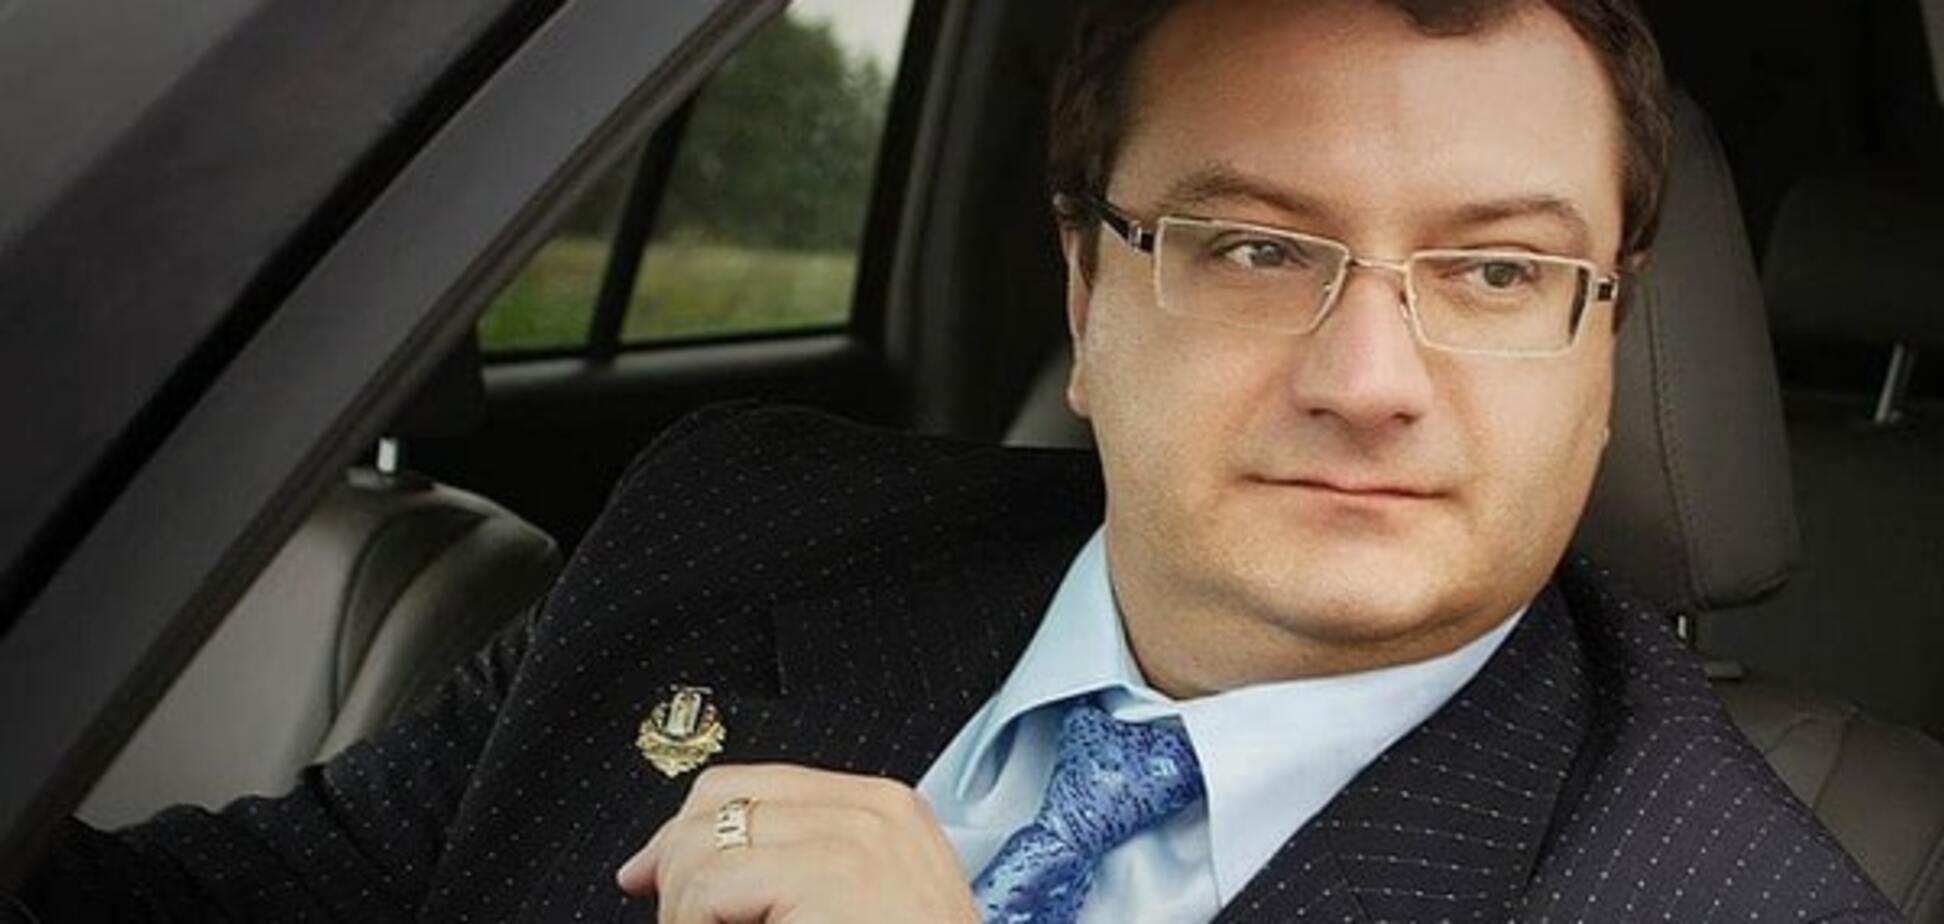 Спецслужбы раскрыли подробности убийства Грабовского